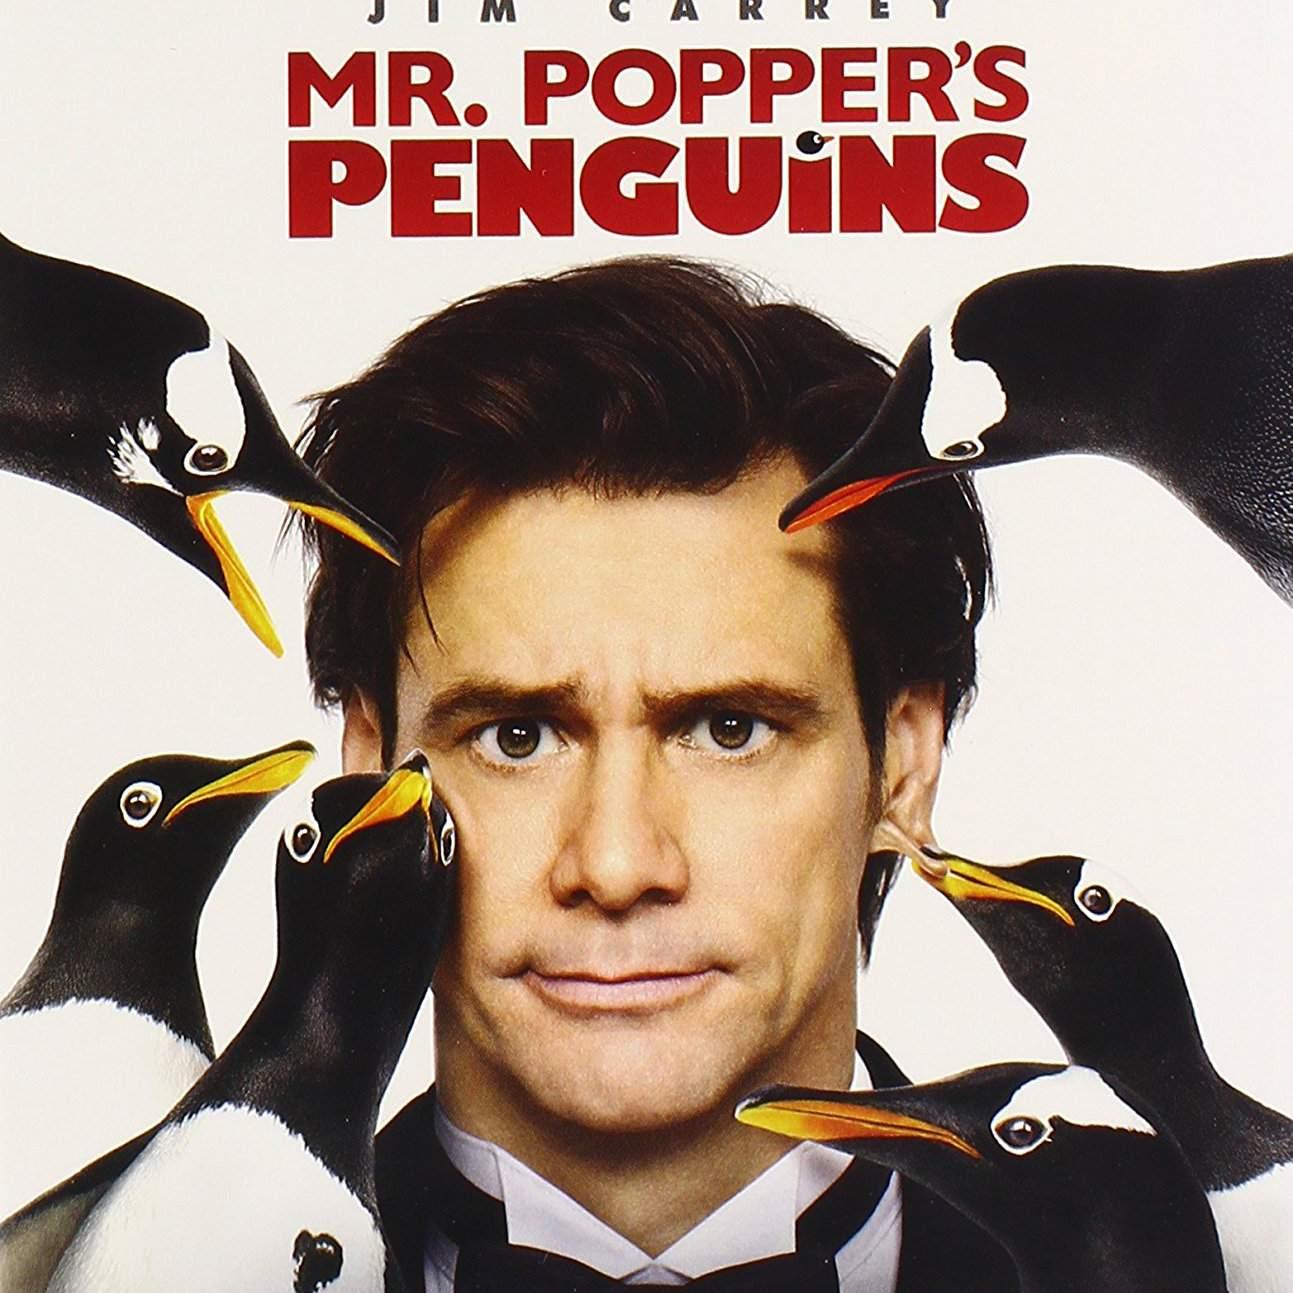 Mr.Popper's Penguins DVD cover